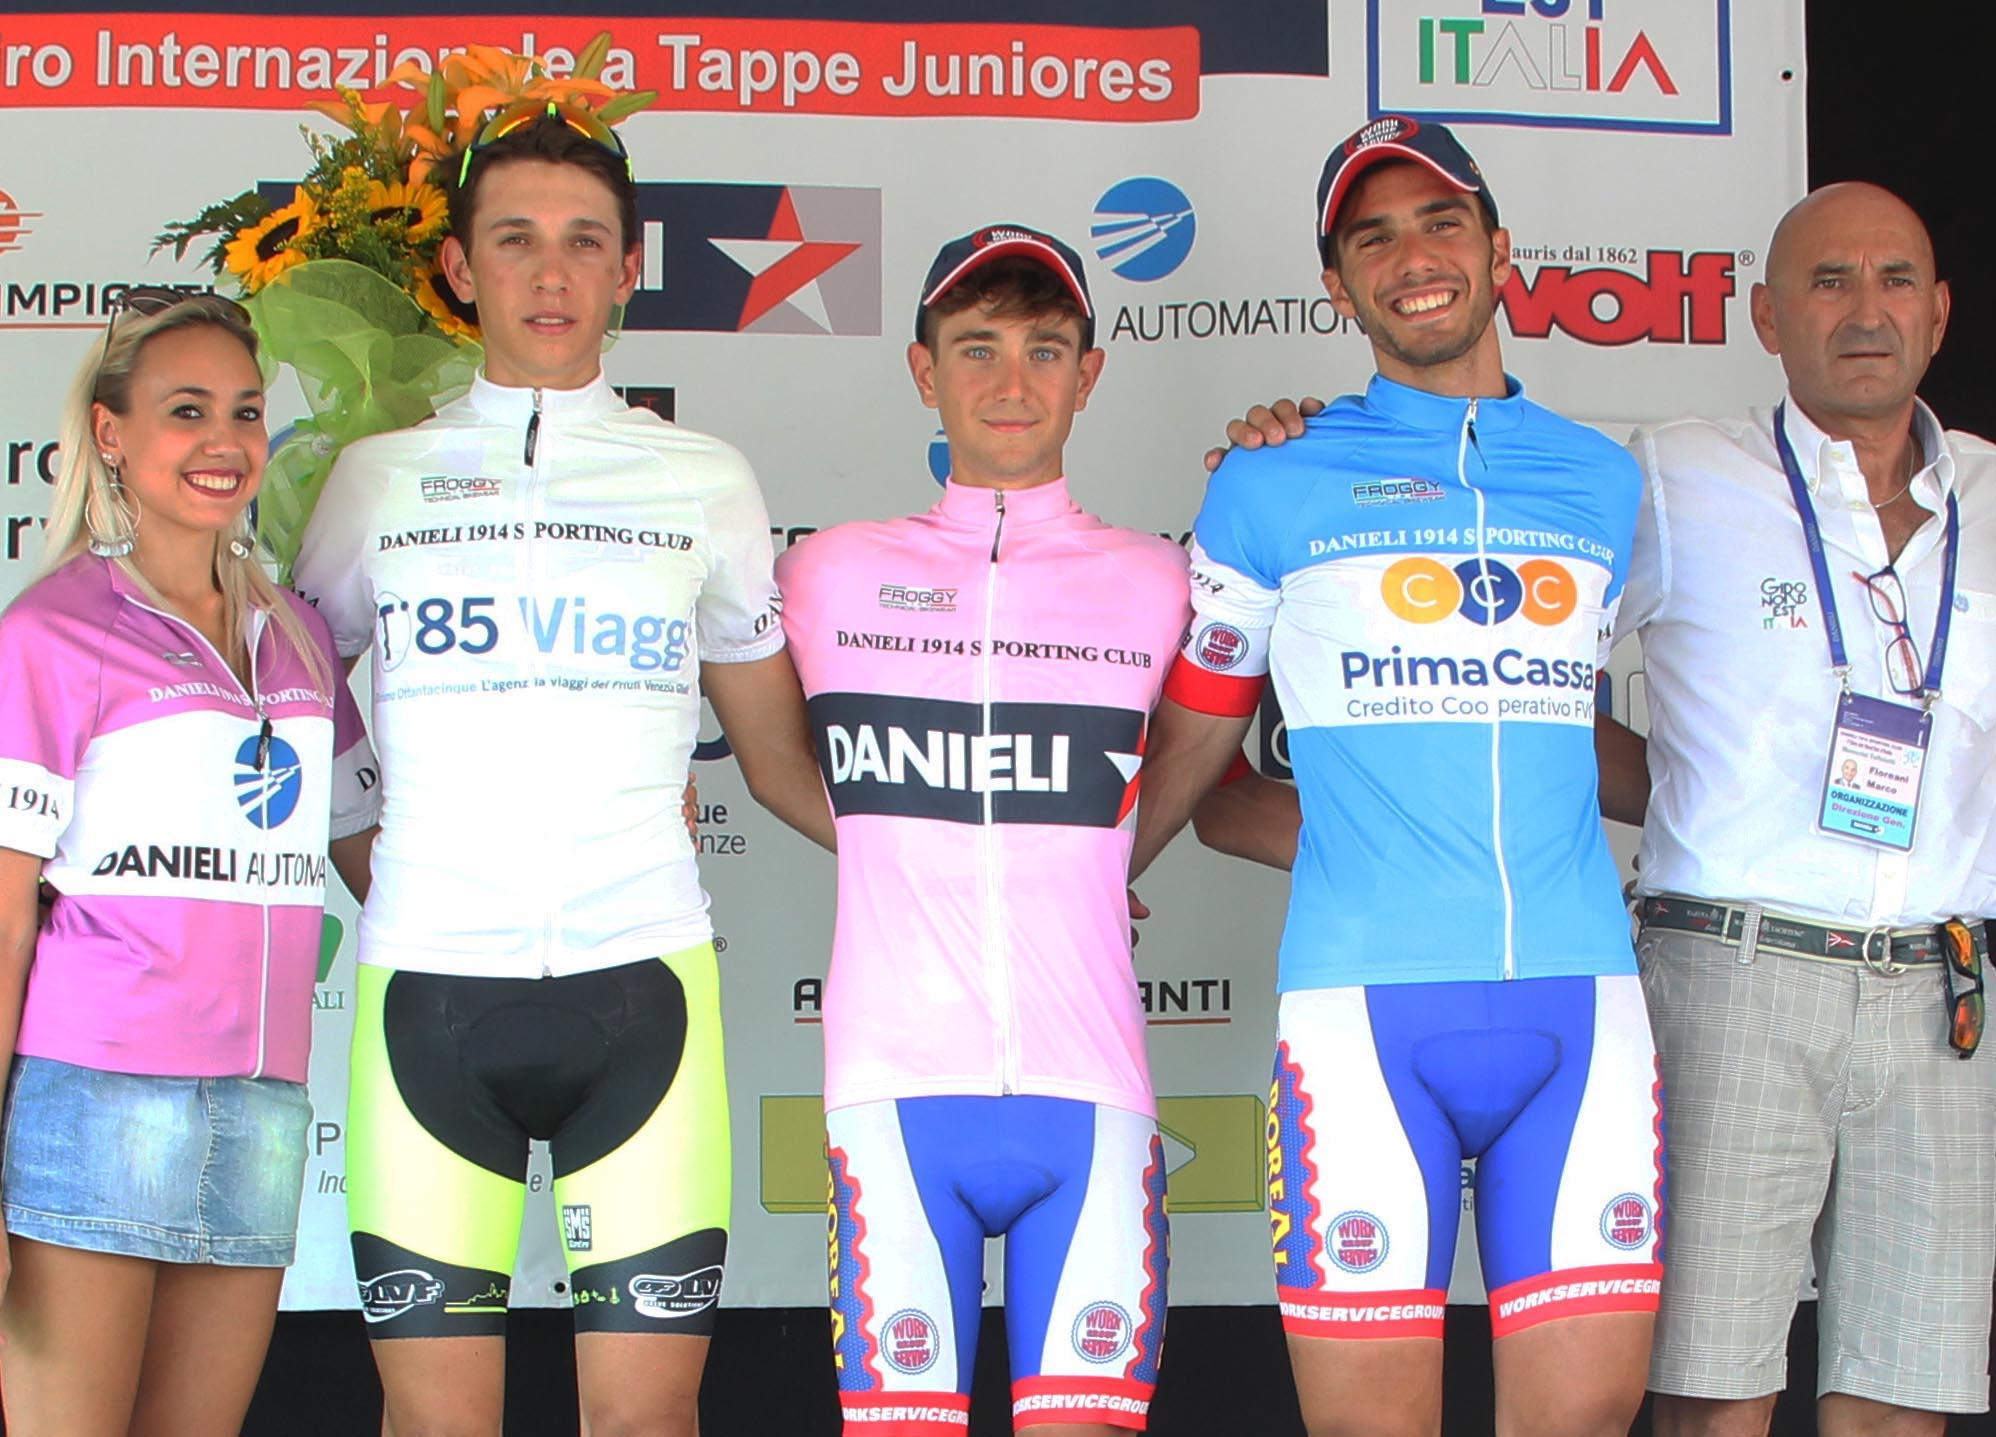 Le maglie del Giro del Nordest 2018 dopo la seconda tappa